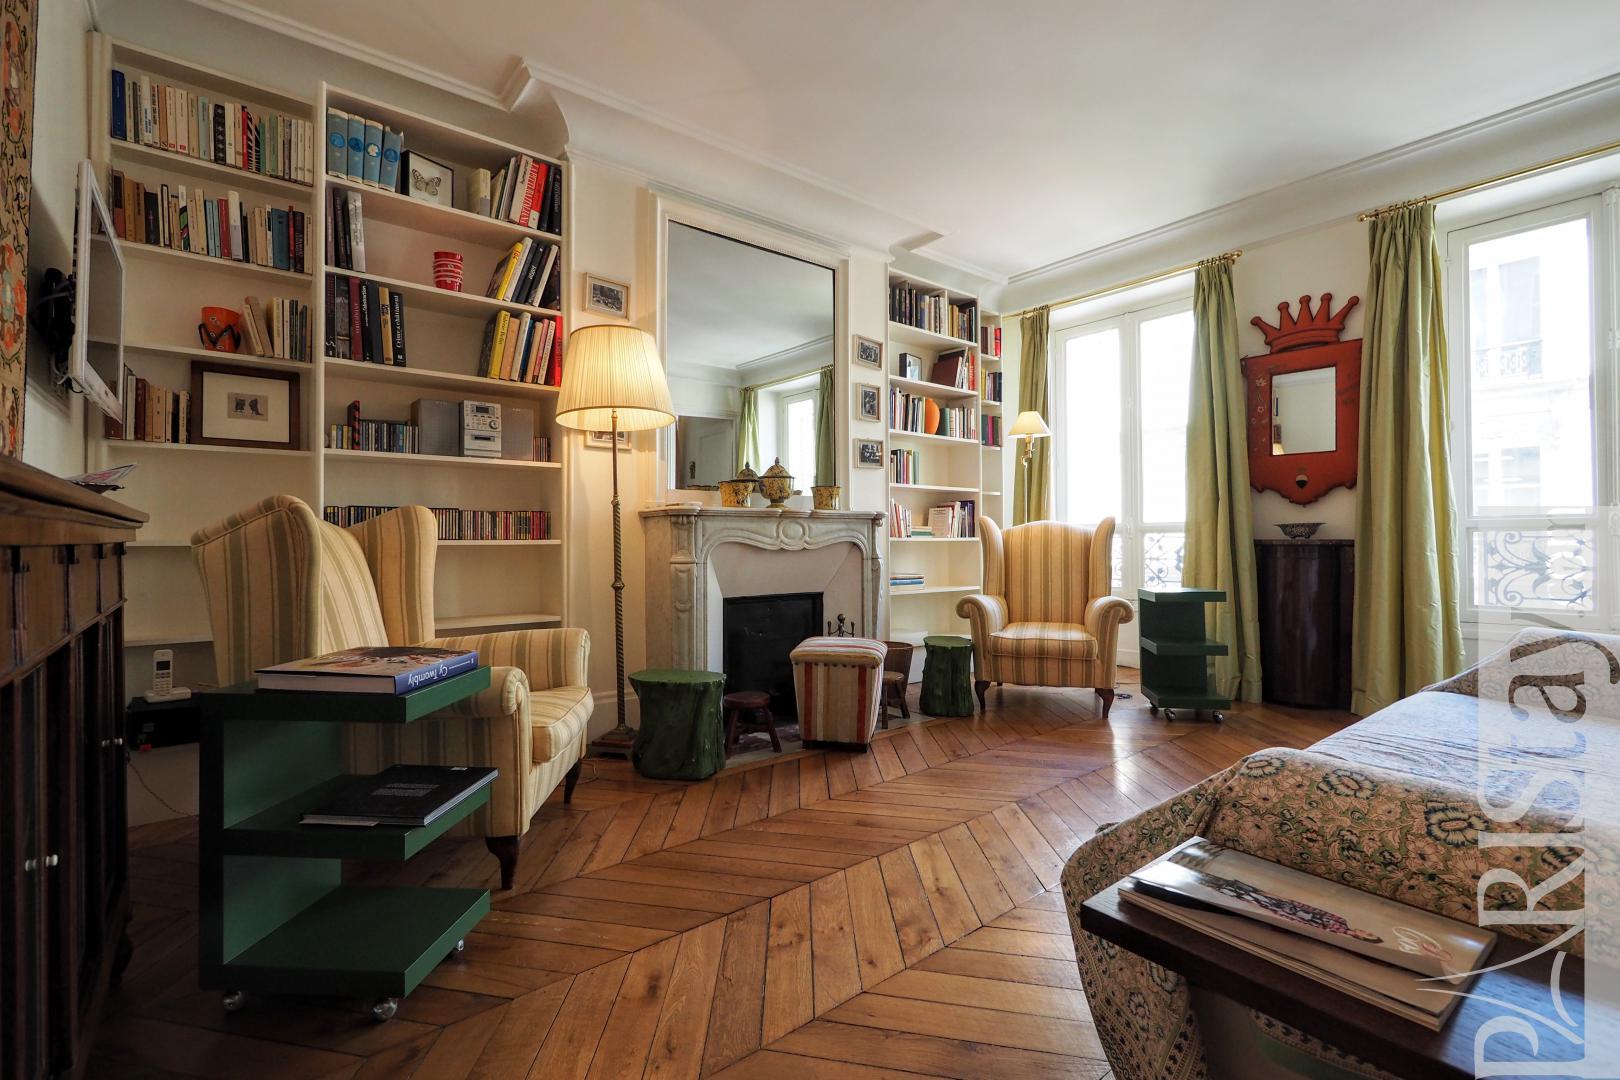 Paris Long Term Flat Rentals 2 Bedroom Apartment For Rent Marais